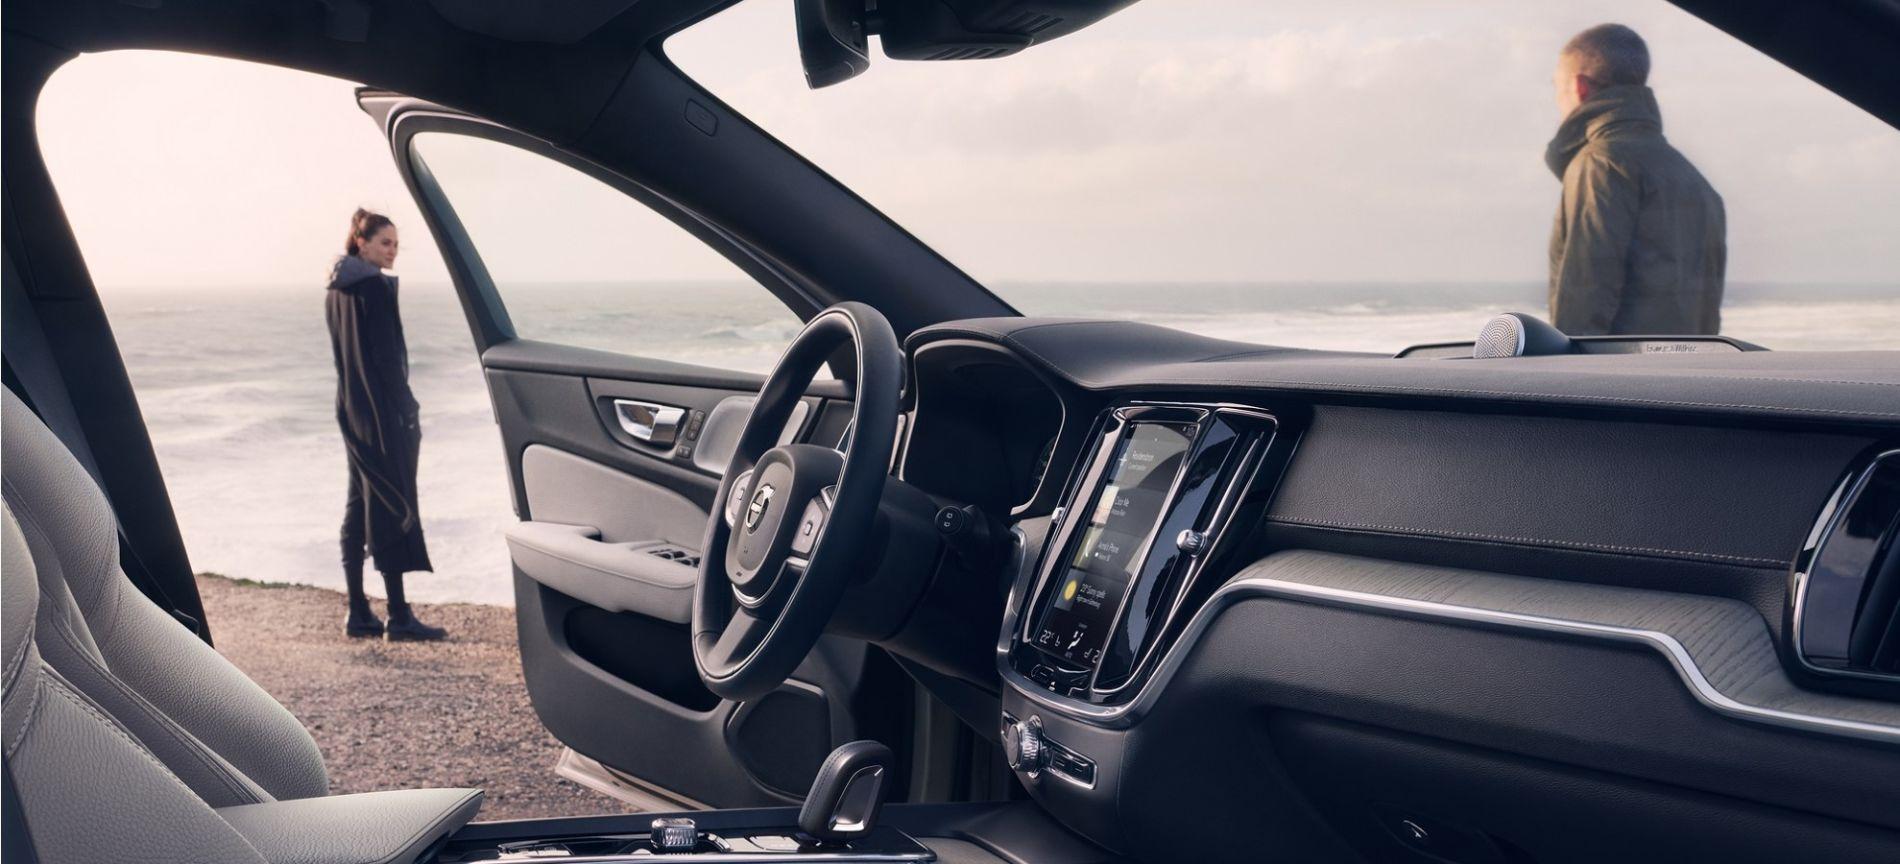 Антибактеріальна обробка Вашого Volvo